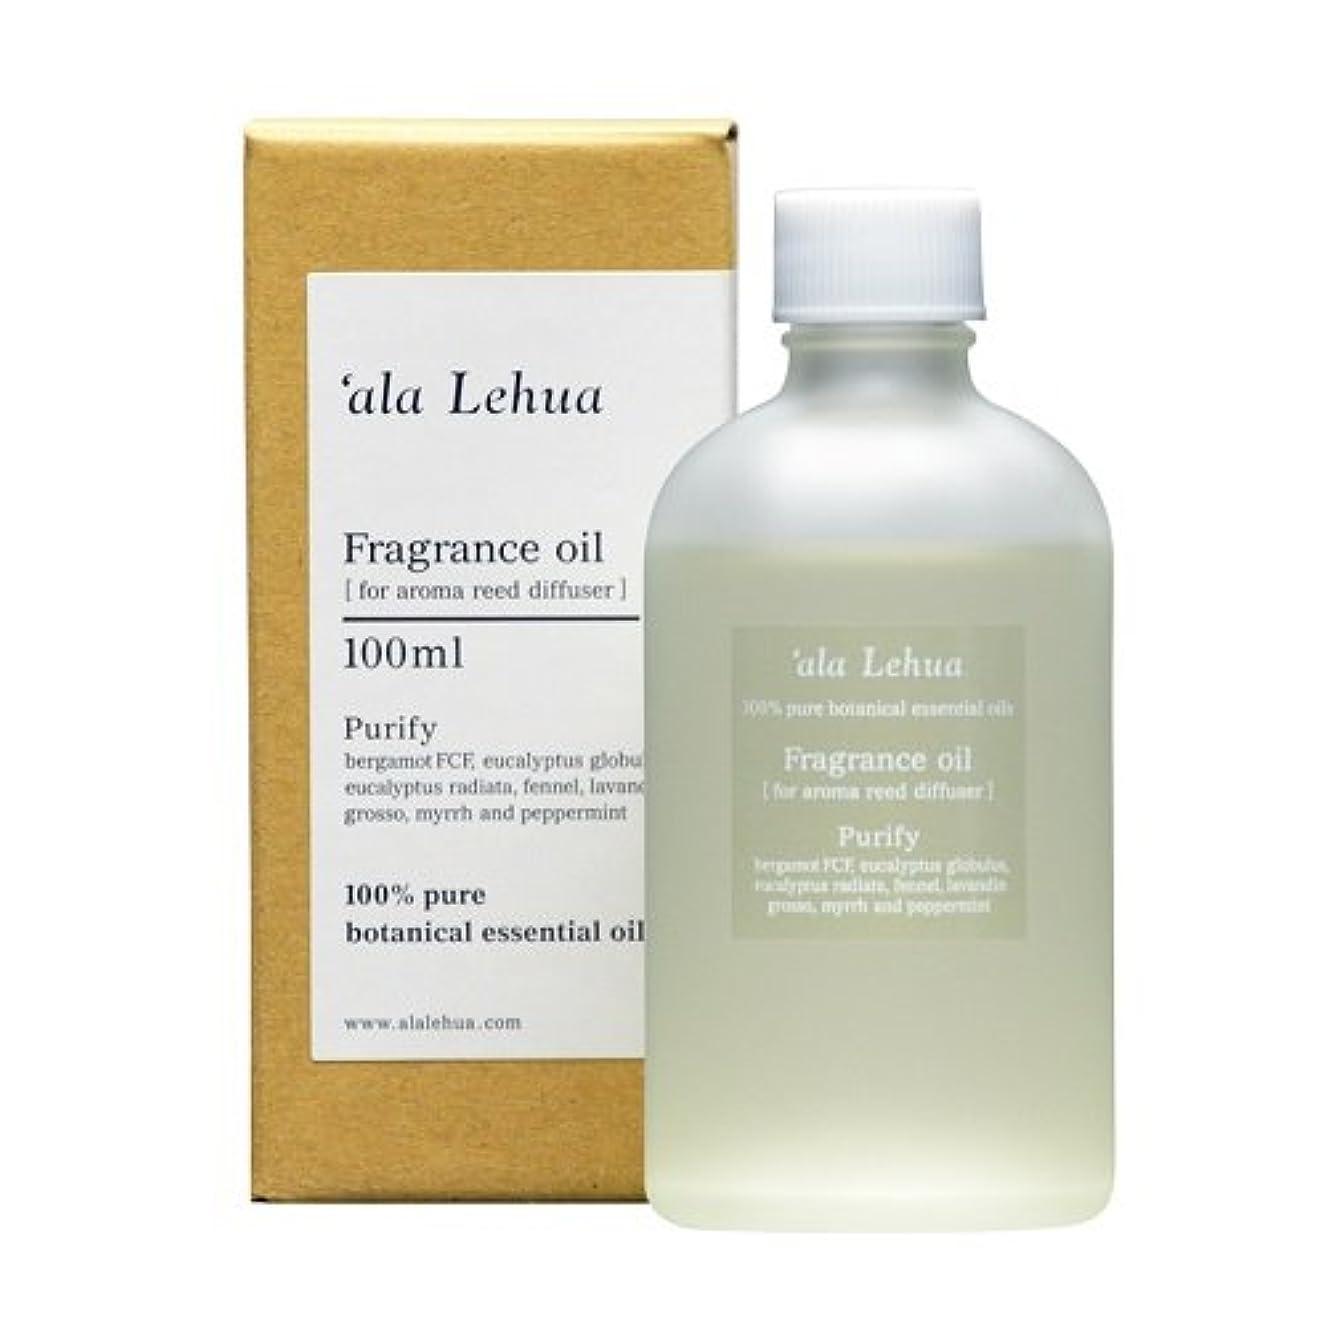 肖像画広範囲にスイングフレーバーライフ(Flavor Life) `ala Lehua (アラレフア) アロマリードディフューザー フレグランスオイル 100ml purify(ピュリファイ)